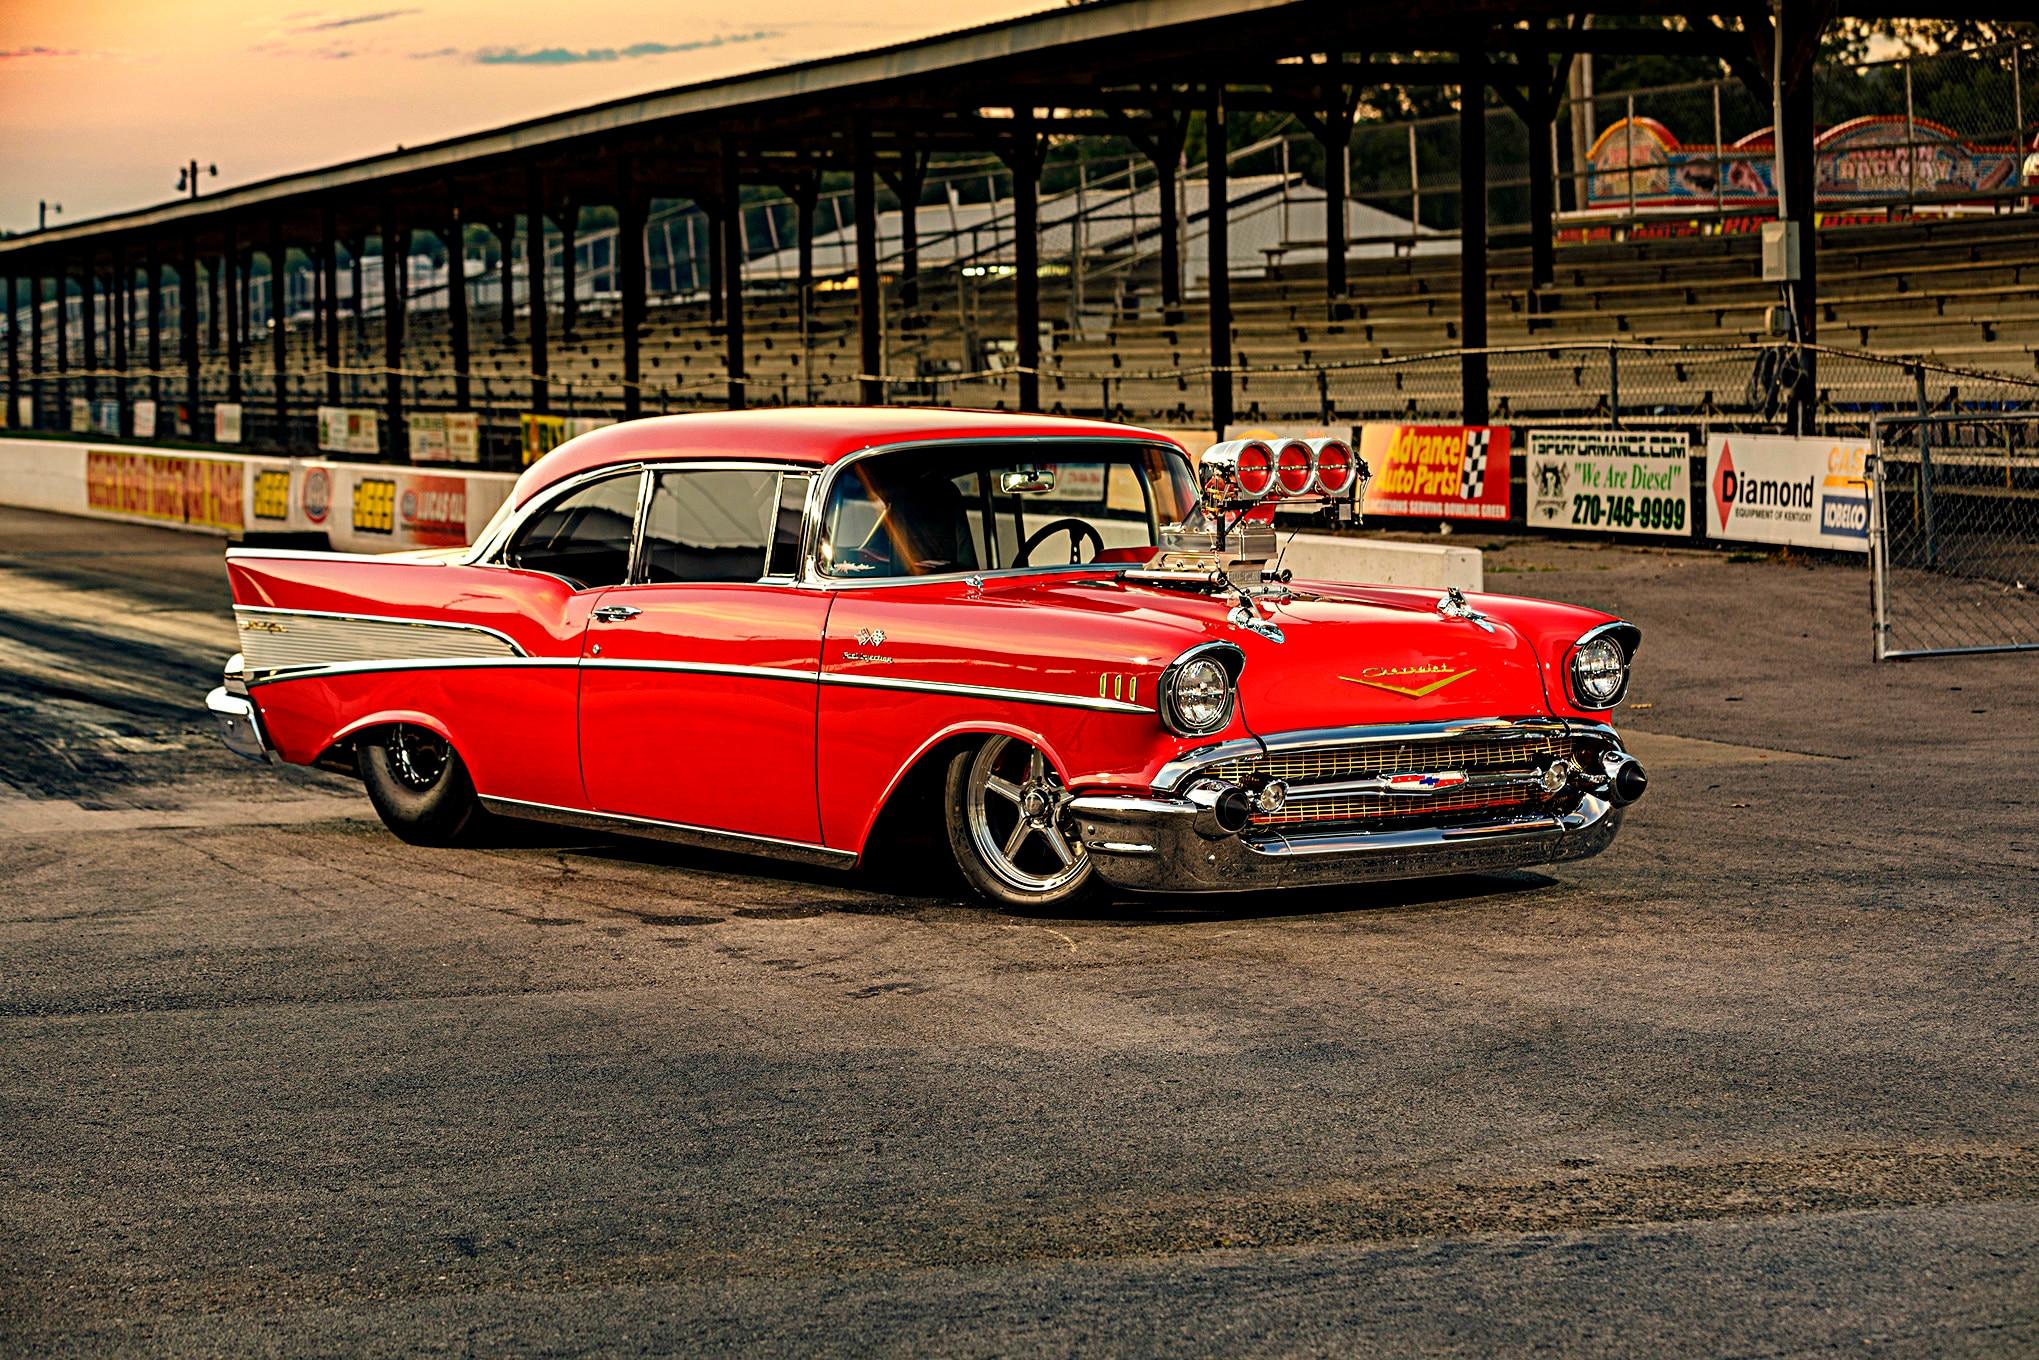 57 Chevy Aluminum Bullet Tips *NEW* 1957 Chevrolet